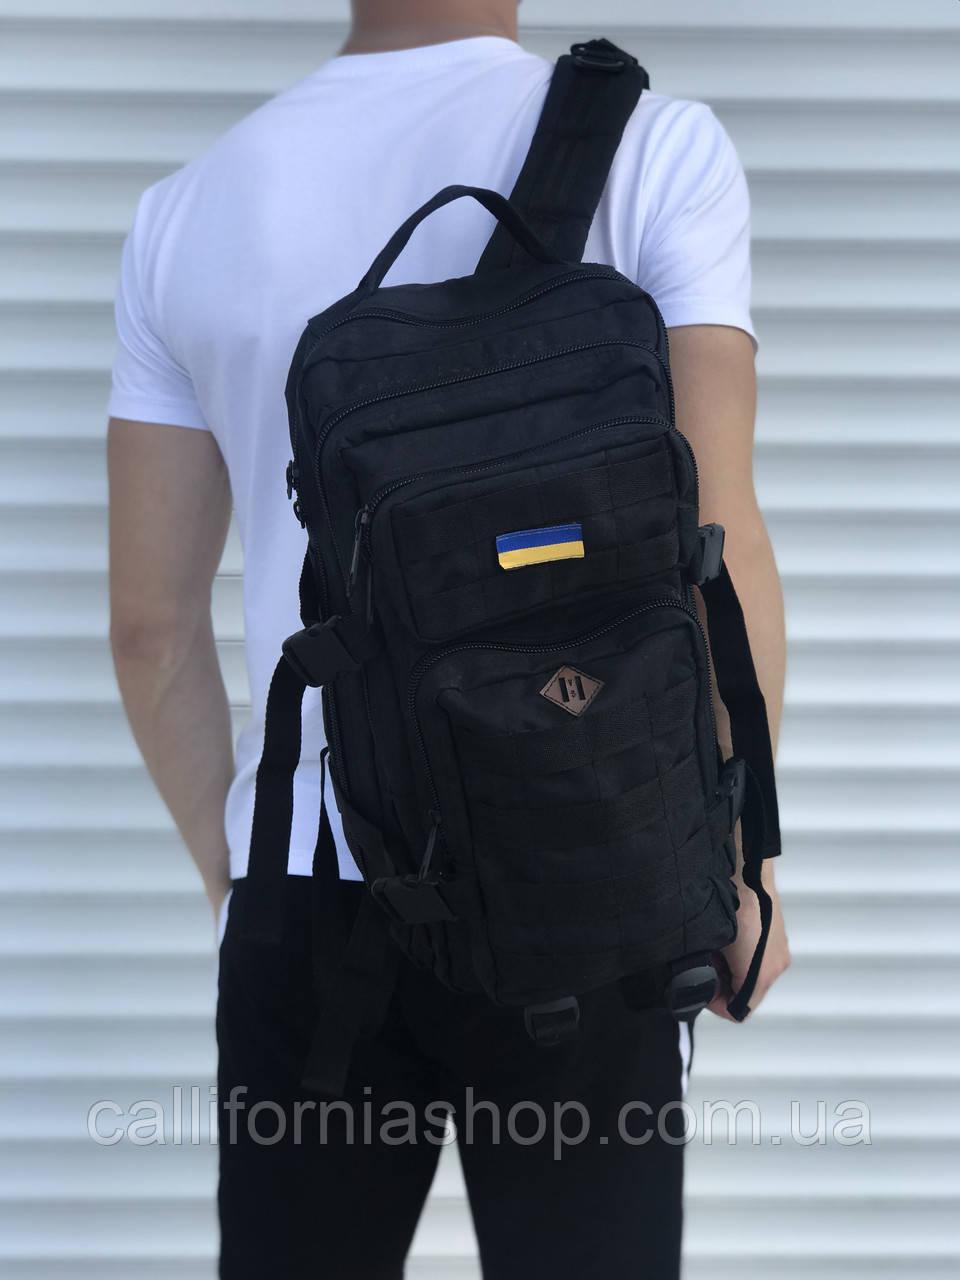 Рюкзак чорний тактичний чоловічий на 25 літрів туристичний з системою MOLLY